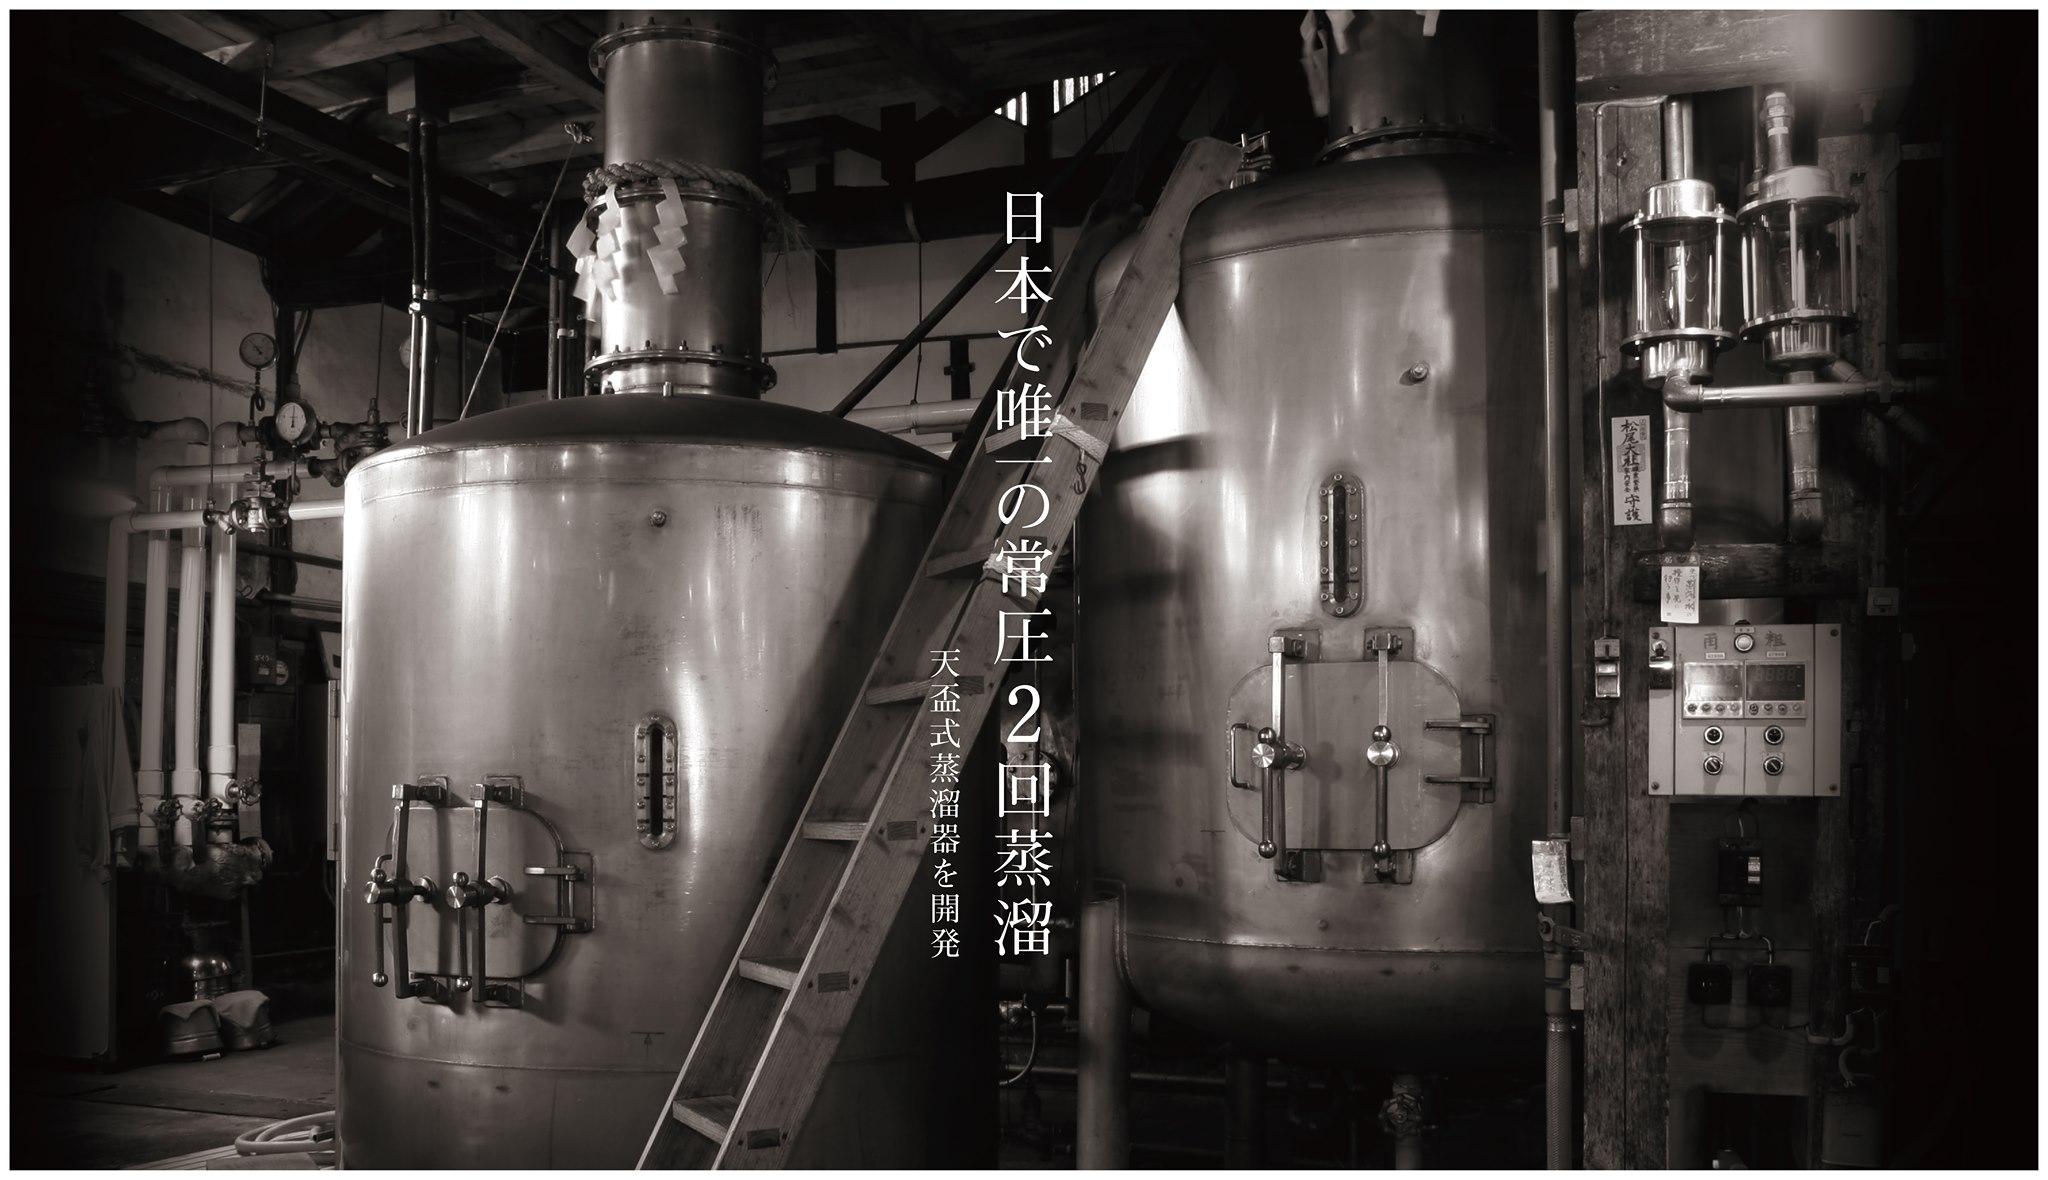 【麦焼酎】『クラフトマン多田』北海道初上陸\(^o^)/_e0173738_95854.jpg